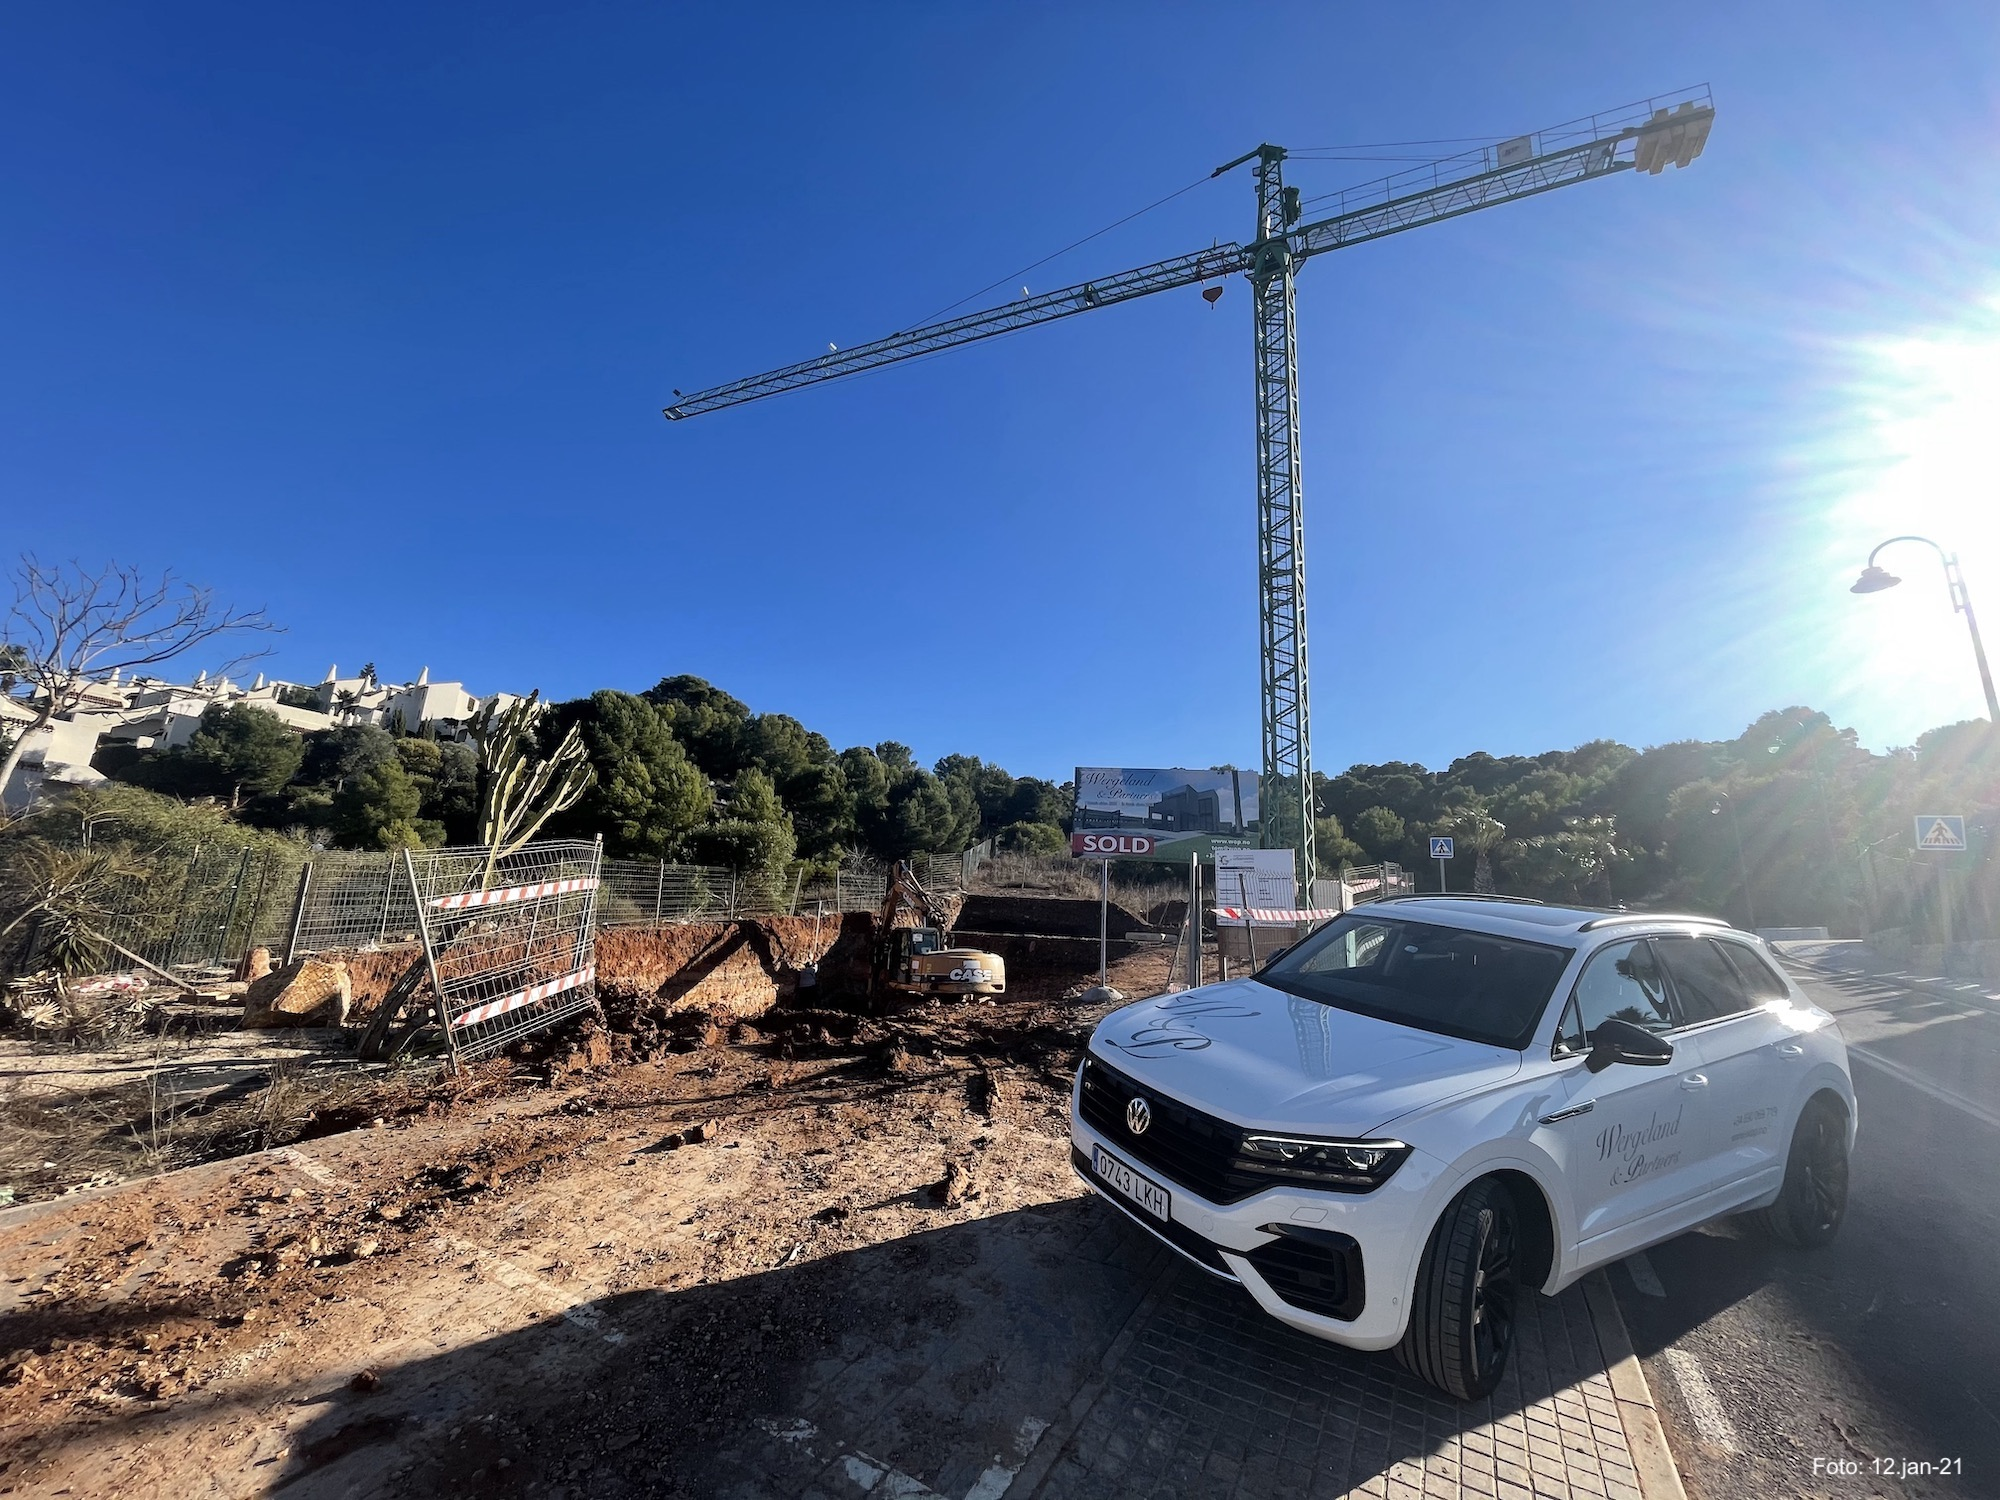 La Wergeland & Partners bygge din spanske drømmebolig  [WOPK]